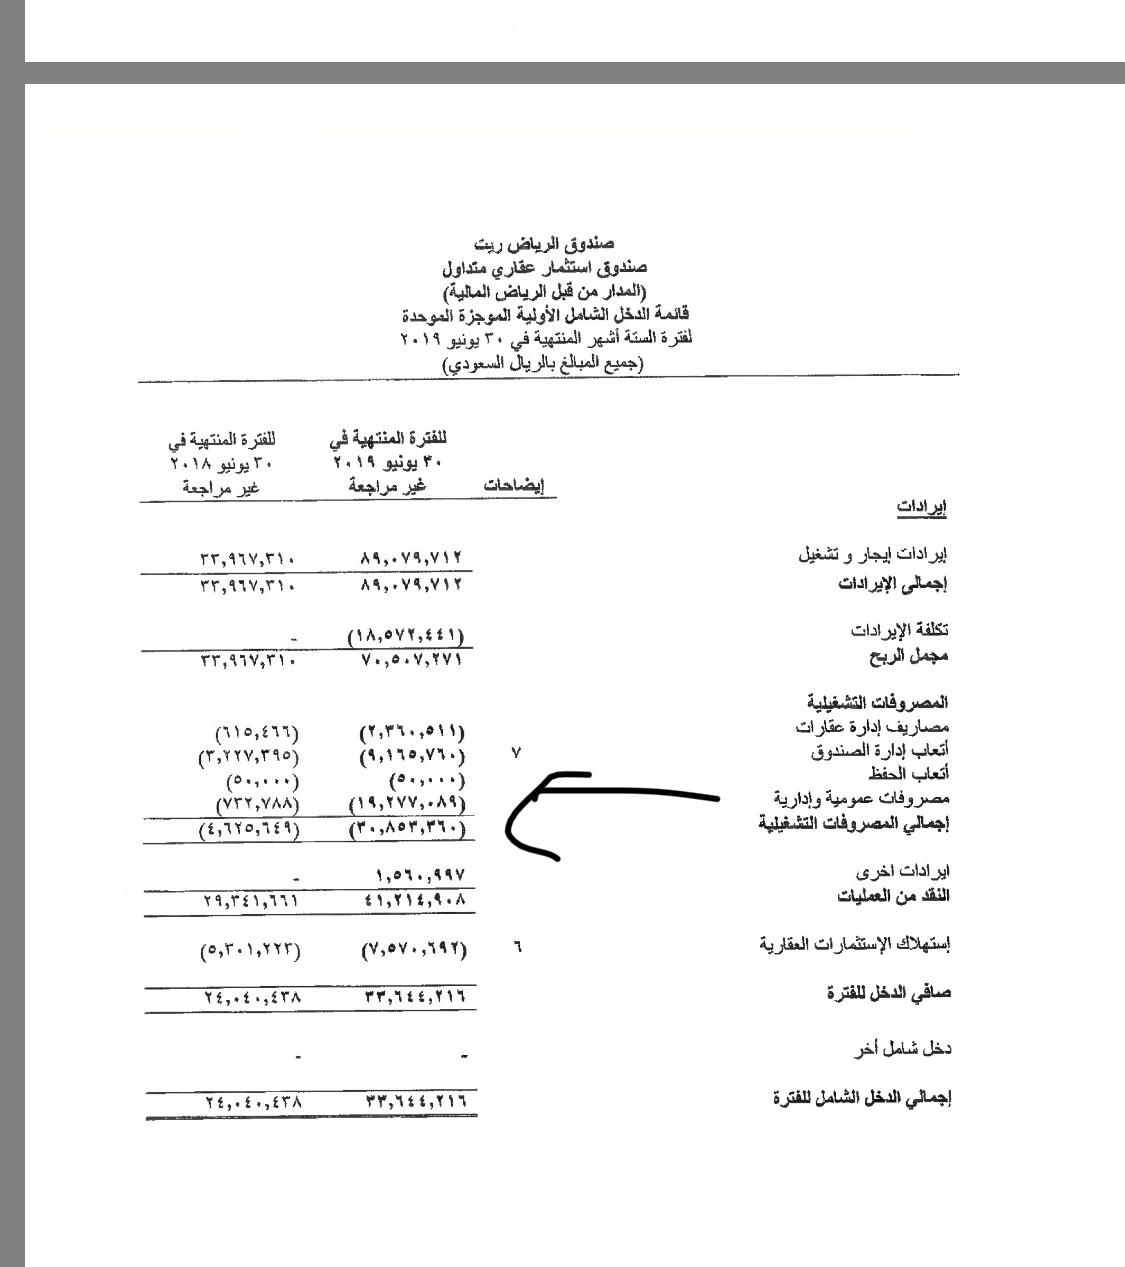 صندوق الرياض ريت يوزع أرباحا نقدية على المساهمين بنسبة 2 52 عن النصف الأول 2019